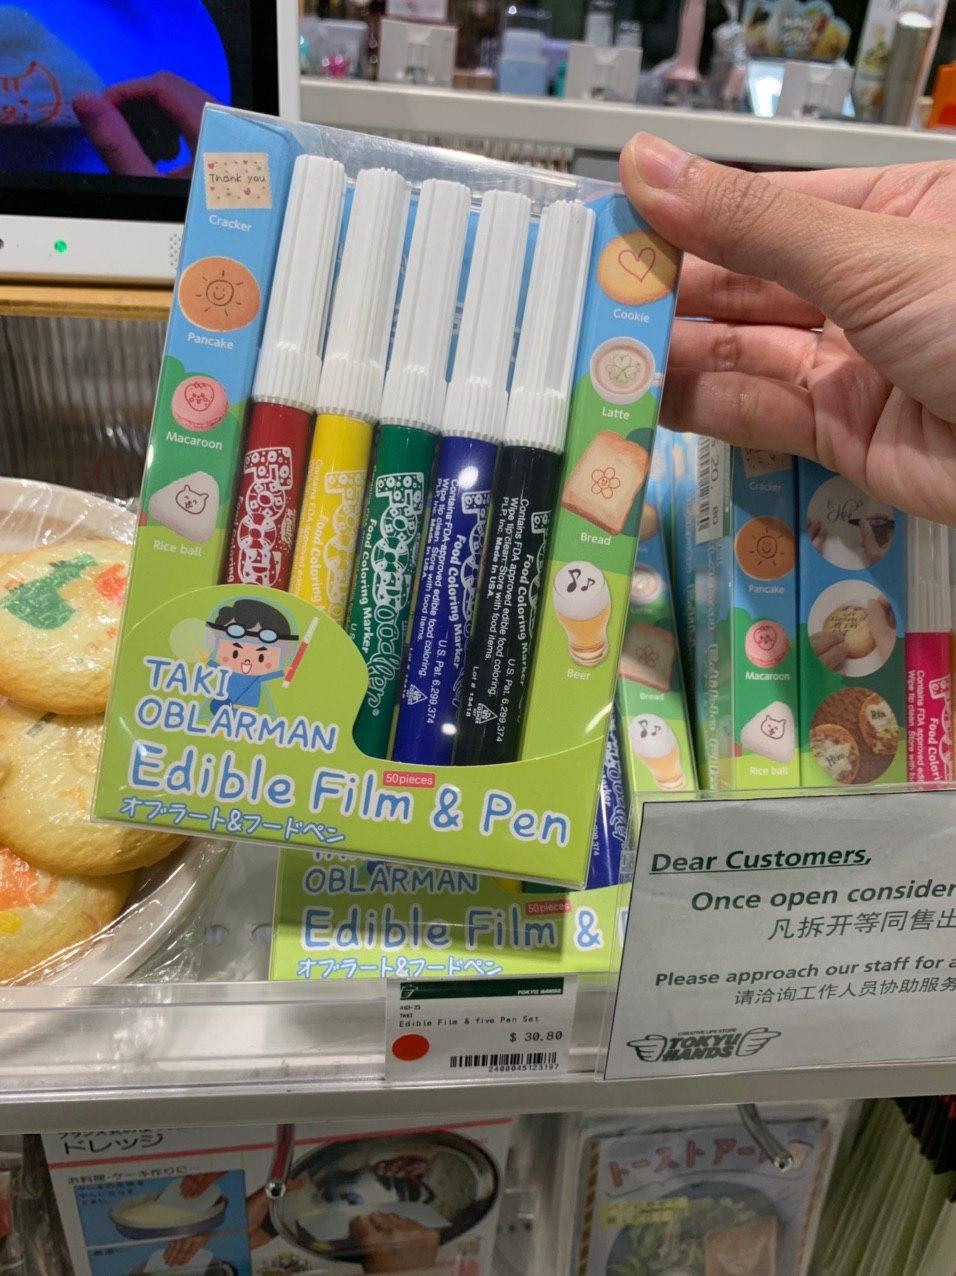 edible food dye pen